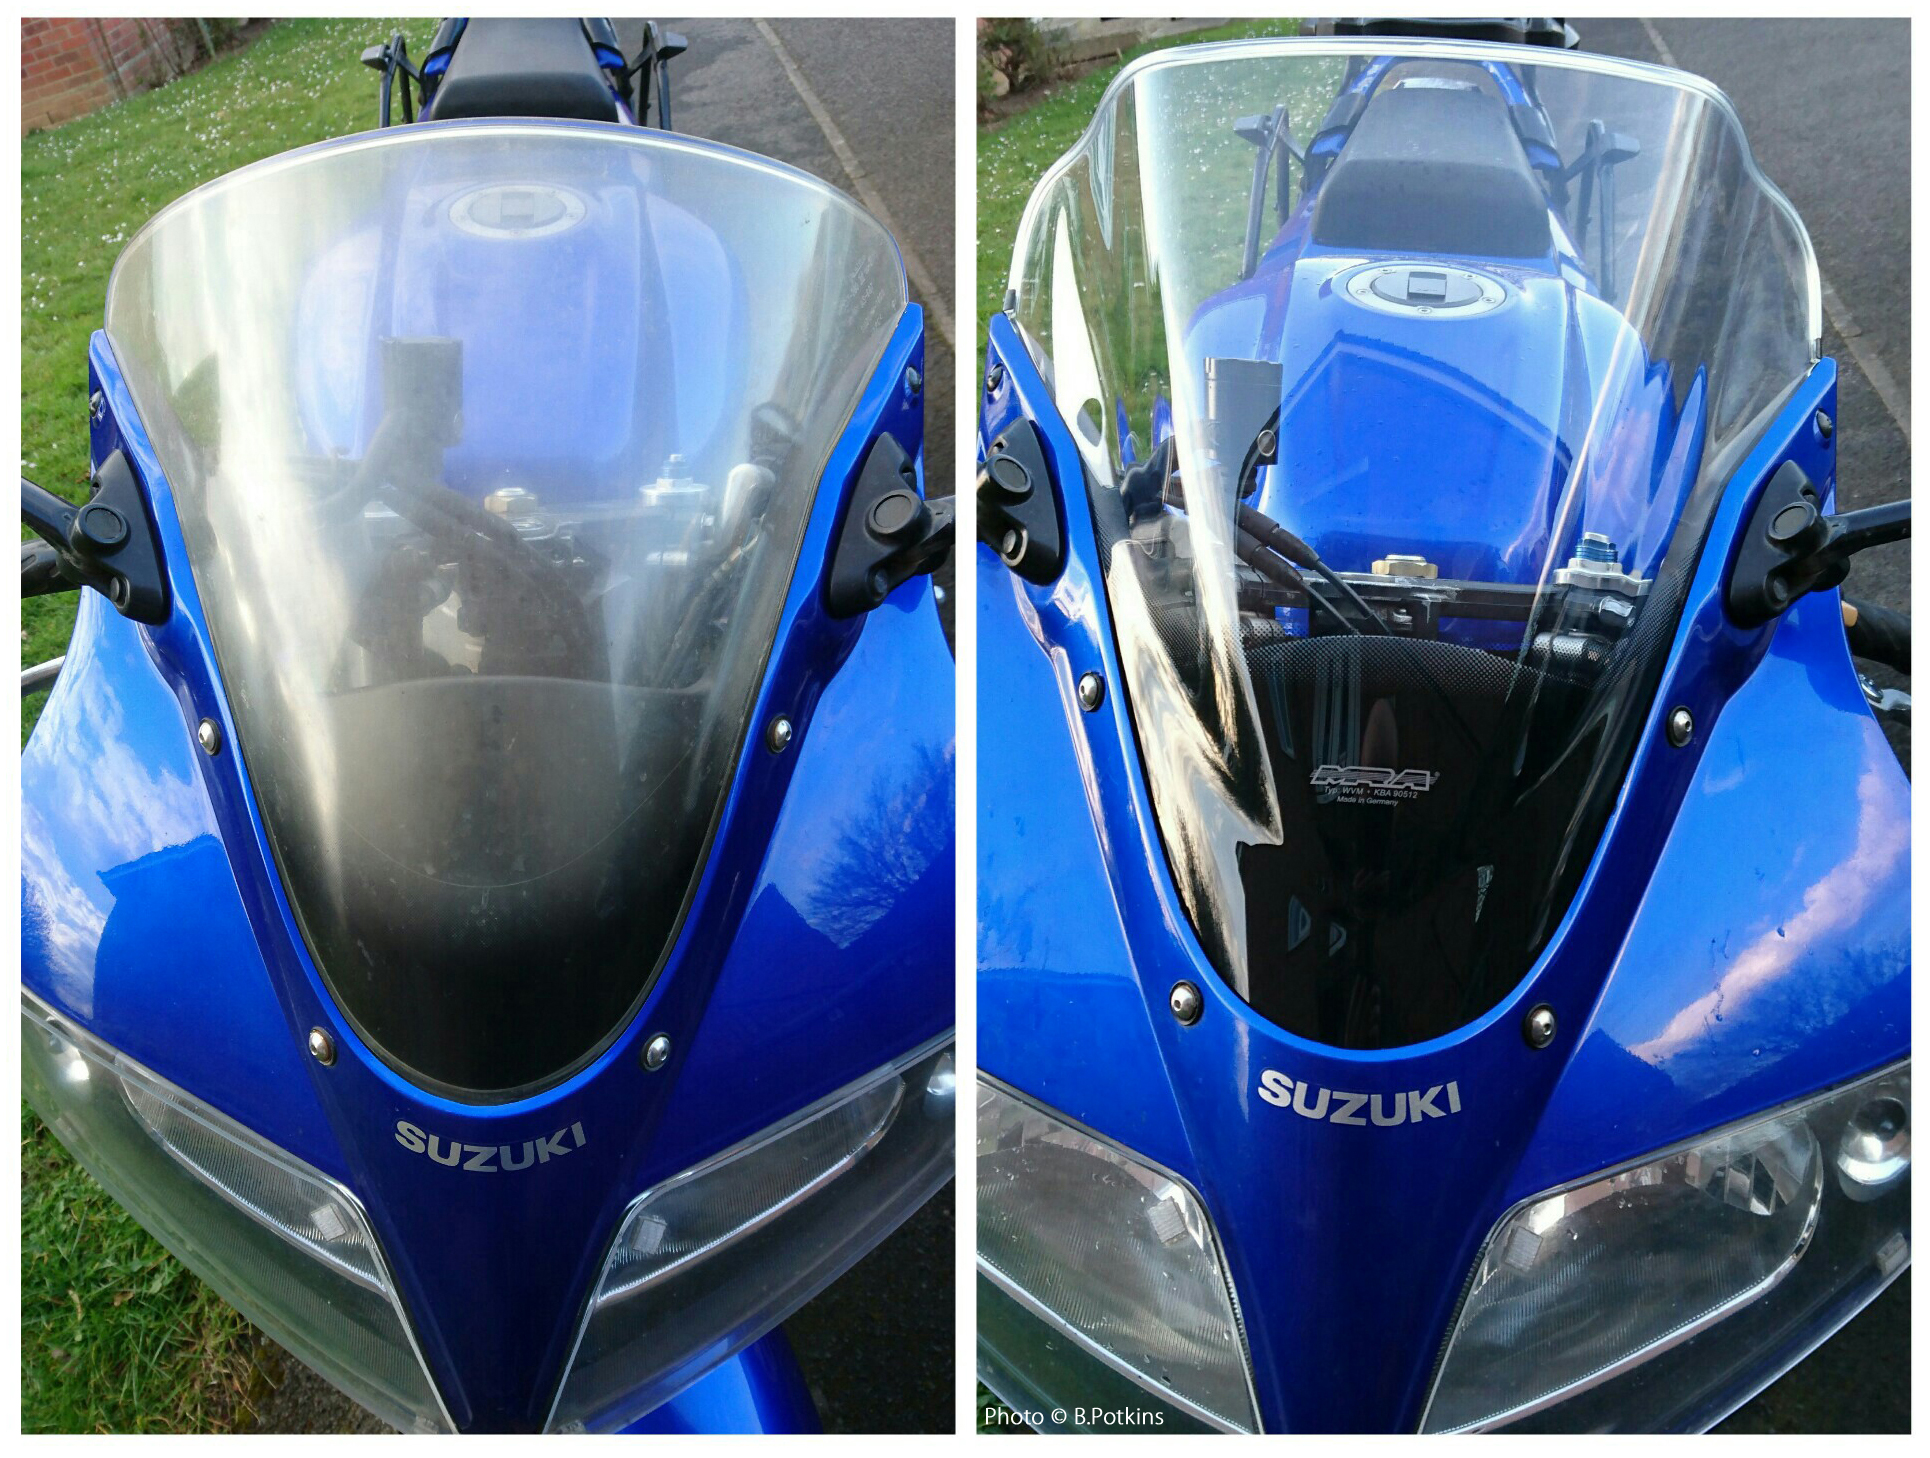 Suzuki SV1000S MRA Double-Bubble Screen